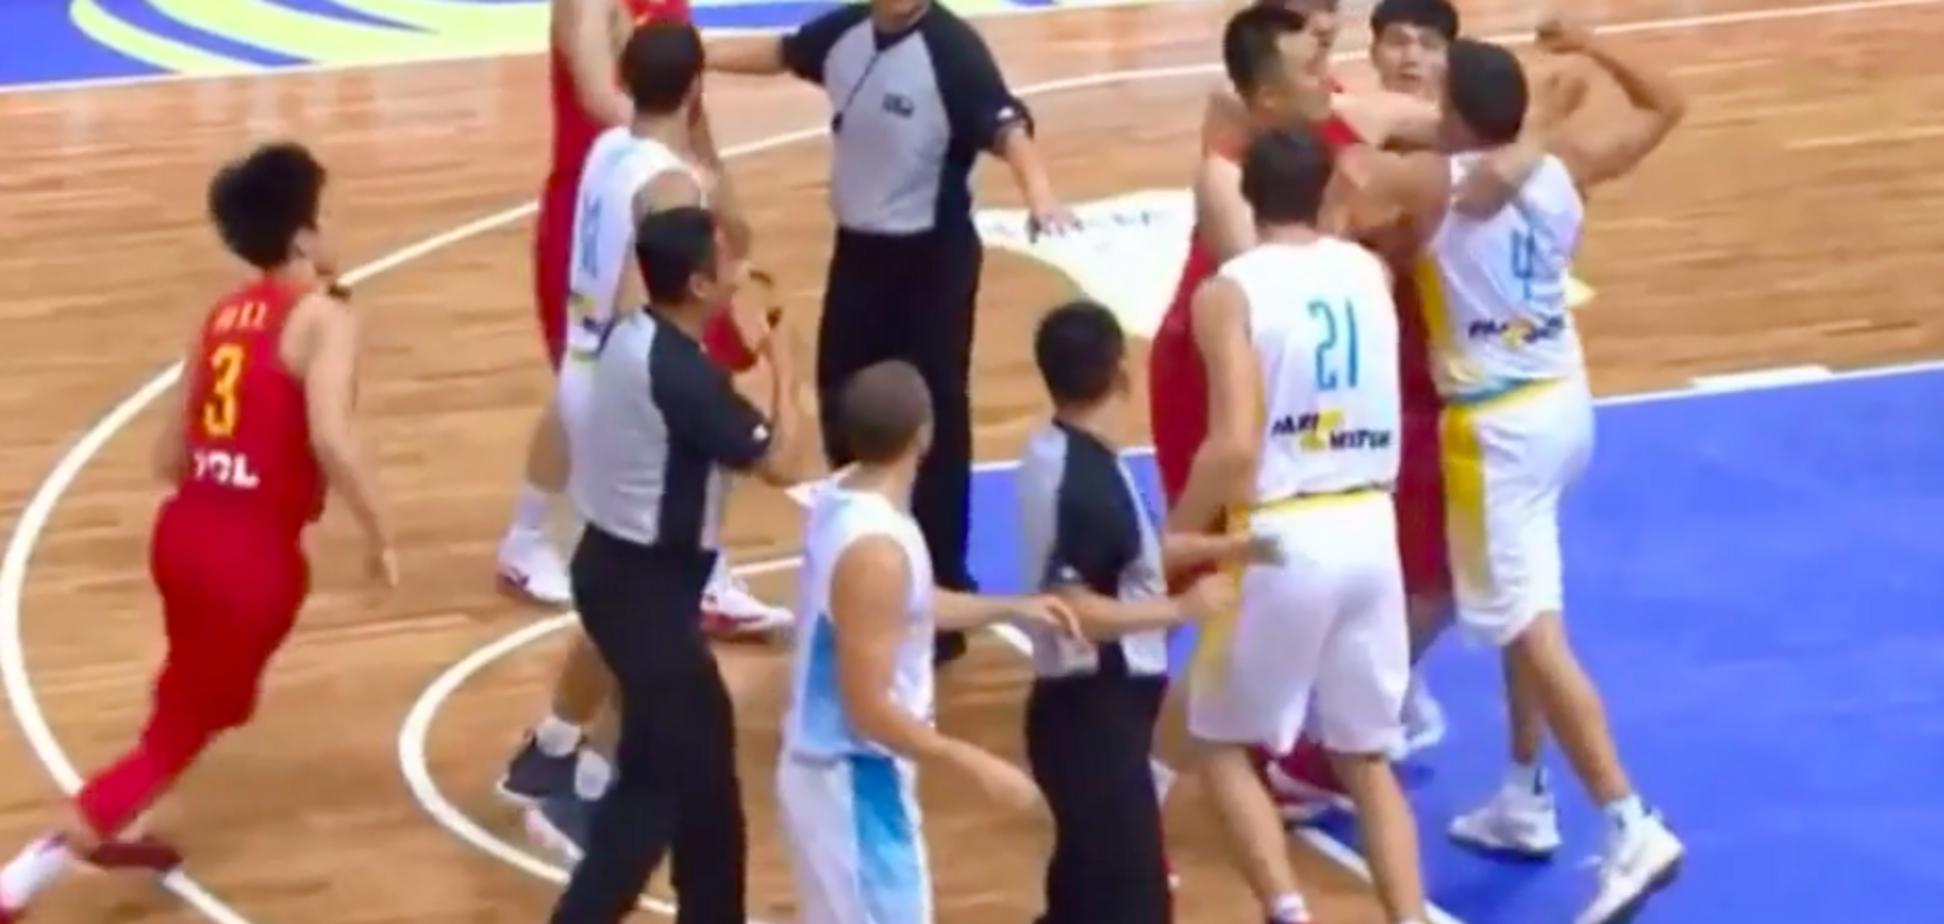 Баскетболіст збірної України влаштував в матчі бійку - опубліковано відео